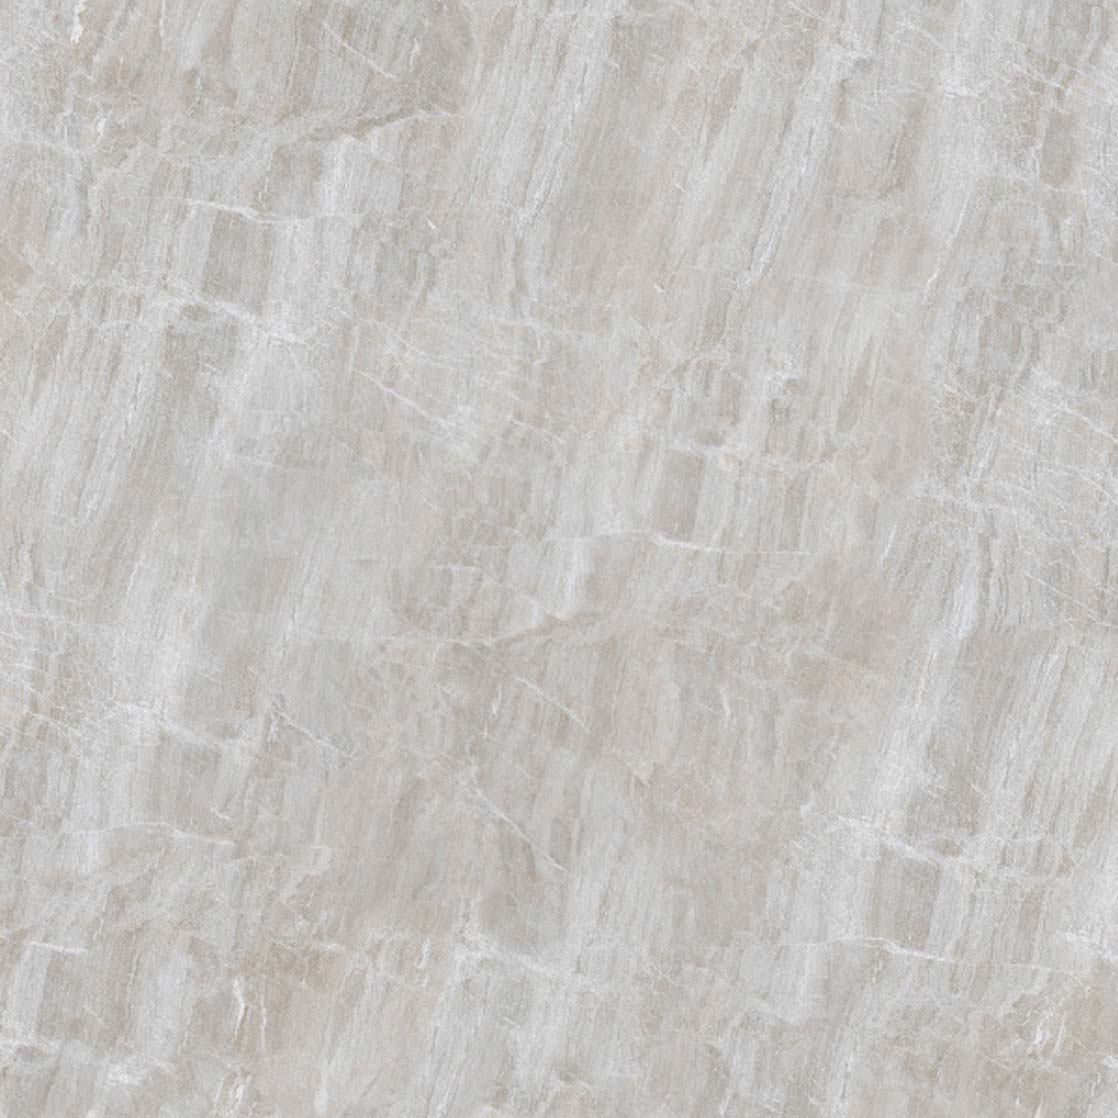 Gạch granite 80x80 Đồng Tâm DTD8080TRUONGSON002 giá rẻ